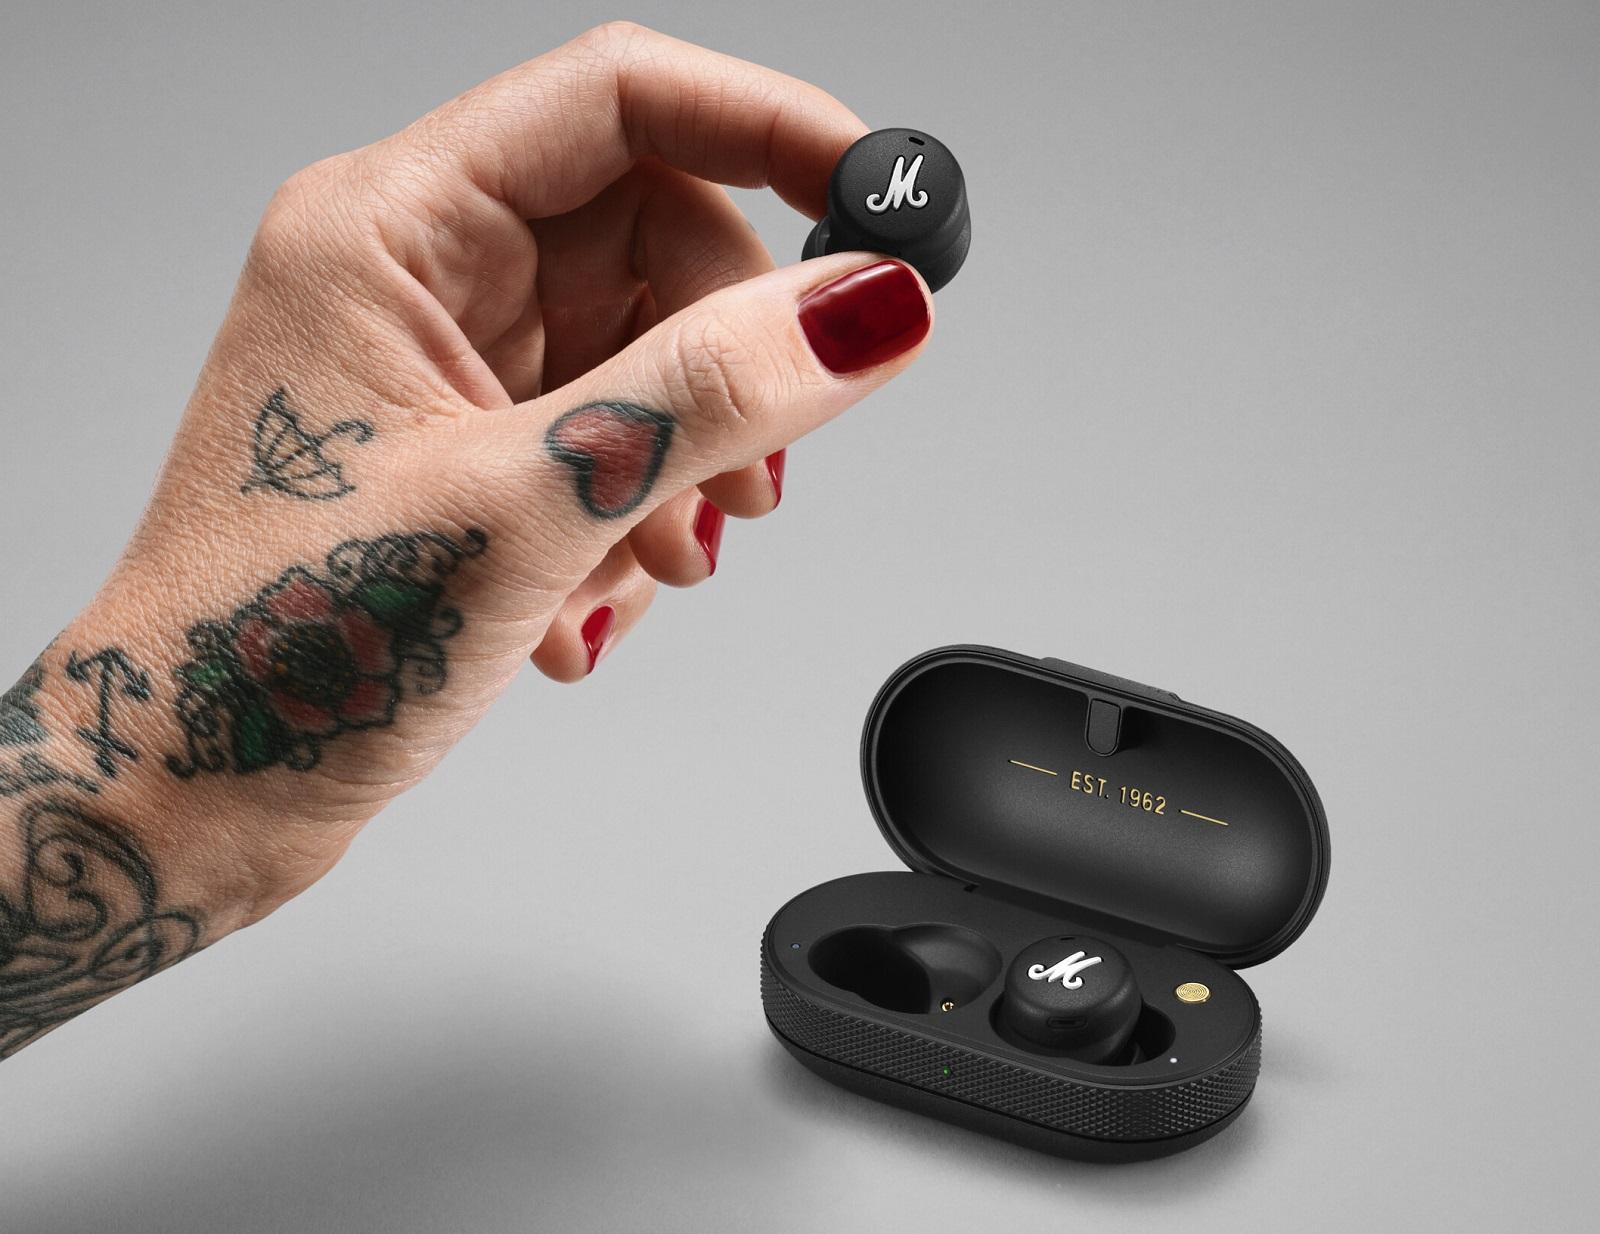 Marshall Mode II : le spécialiste des amplis s'attaque au marché des écouteurs sans fil